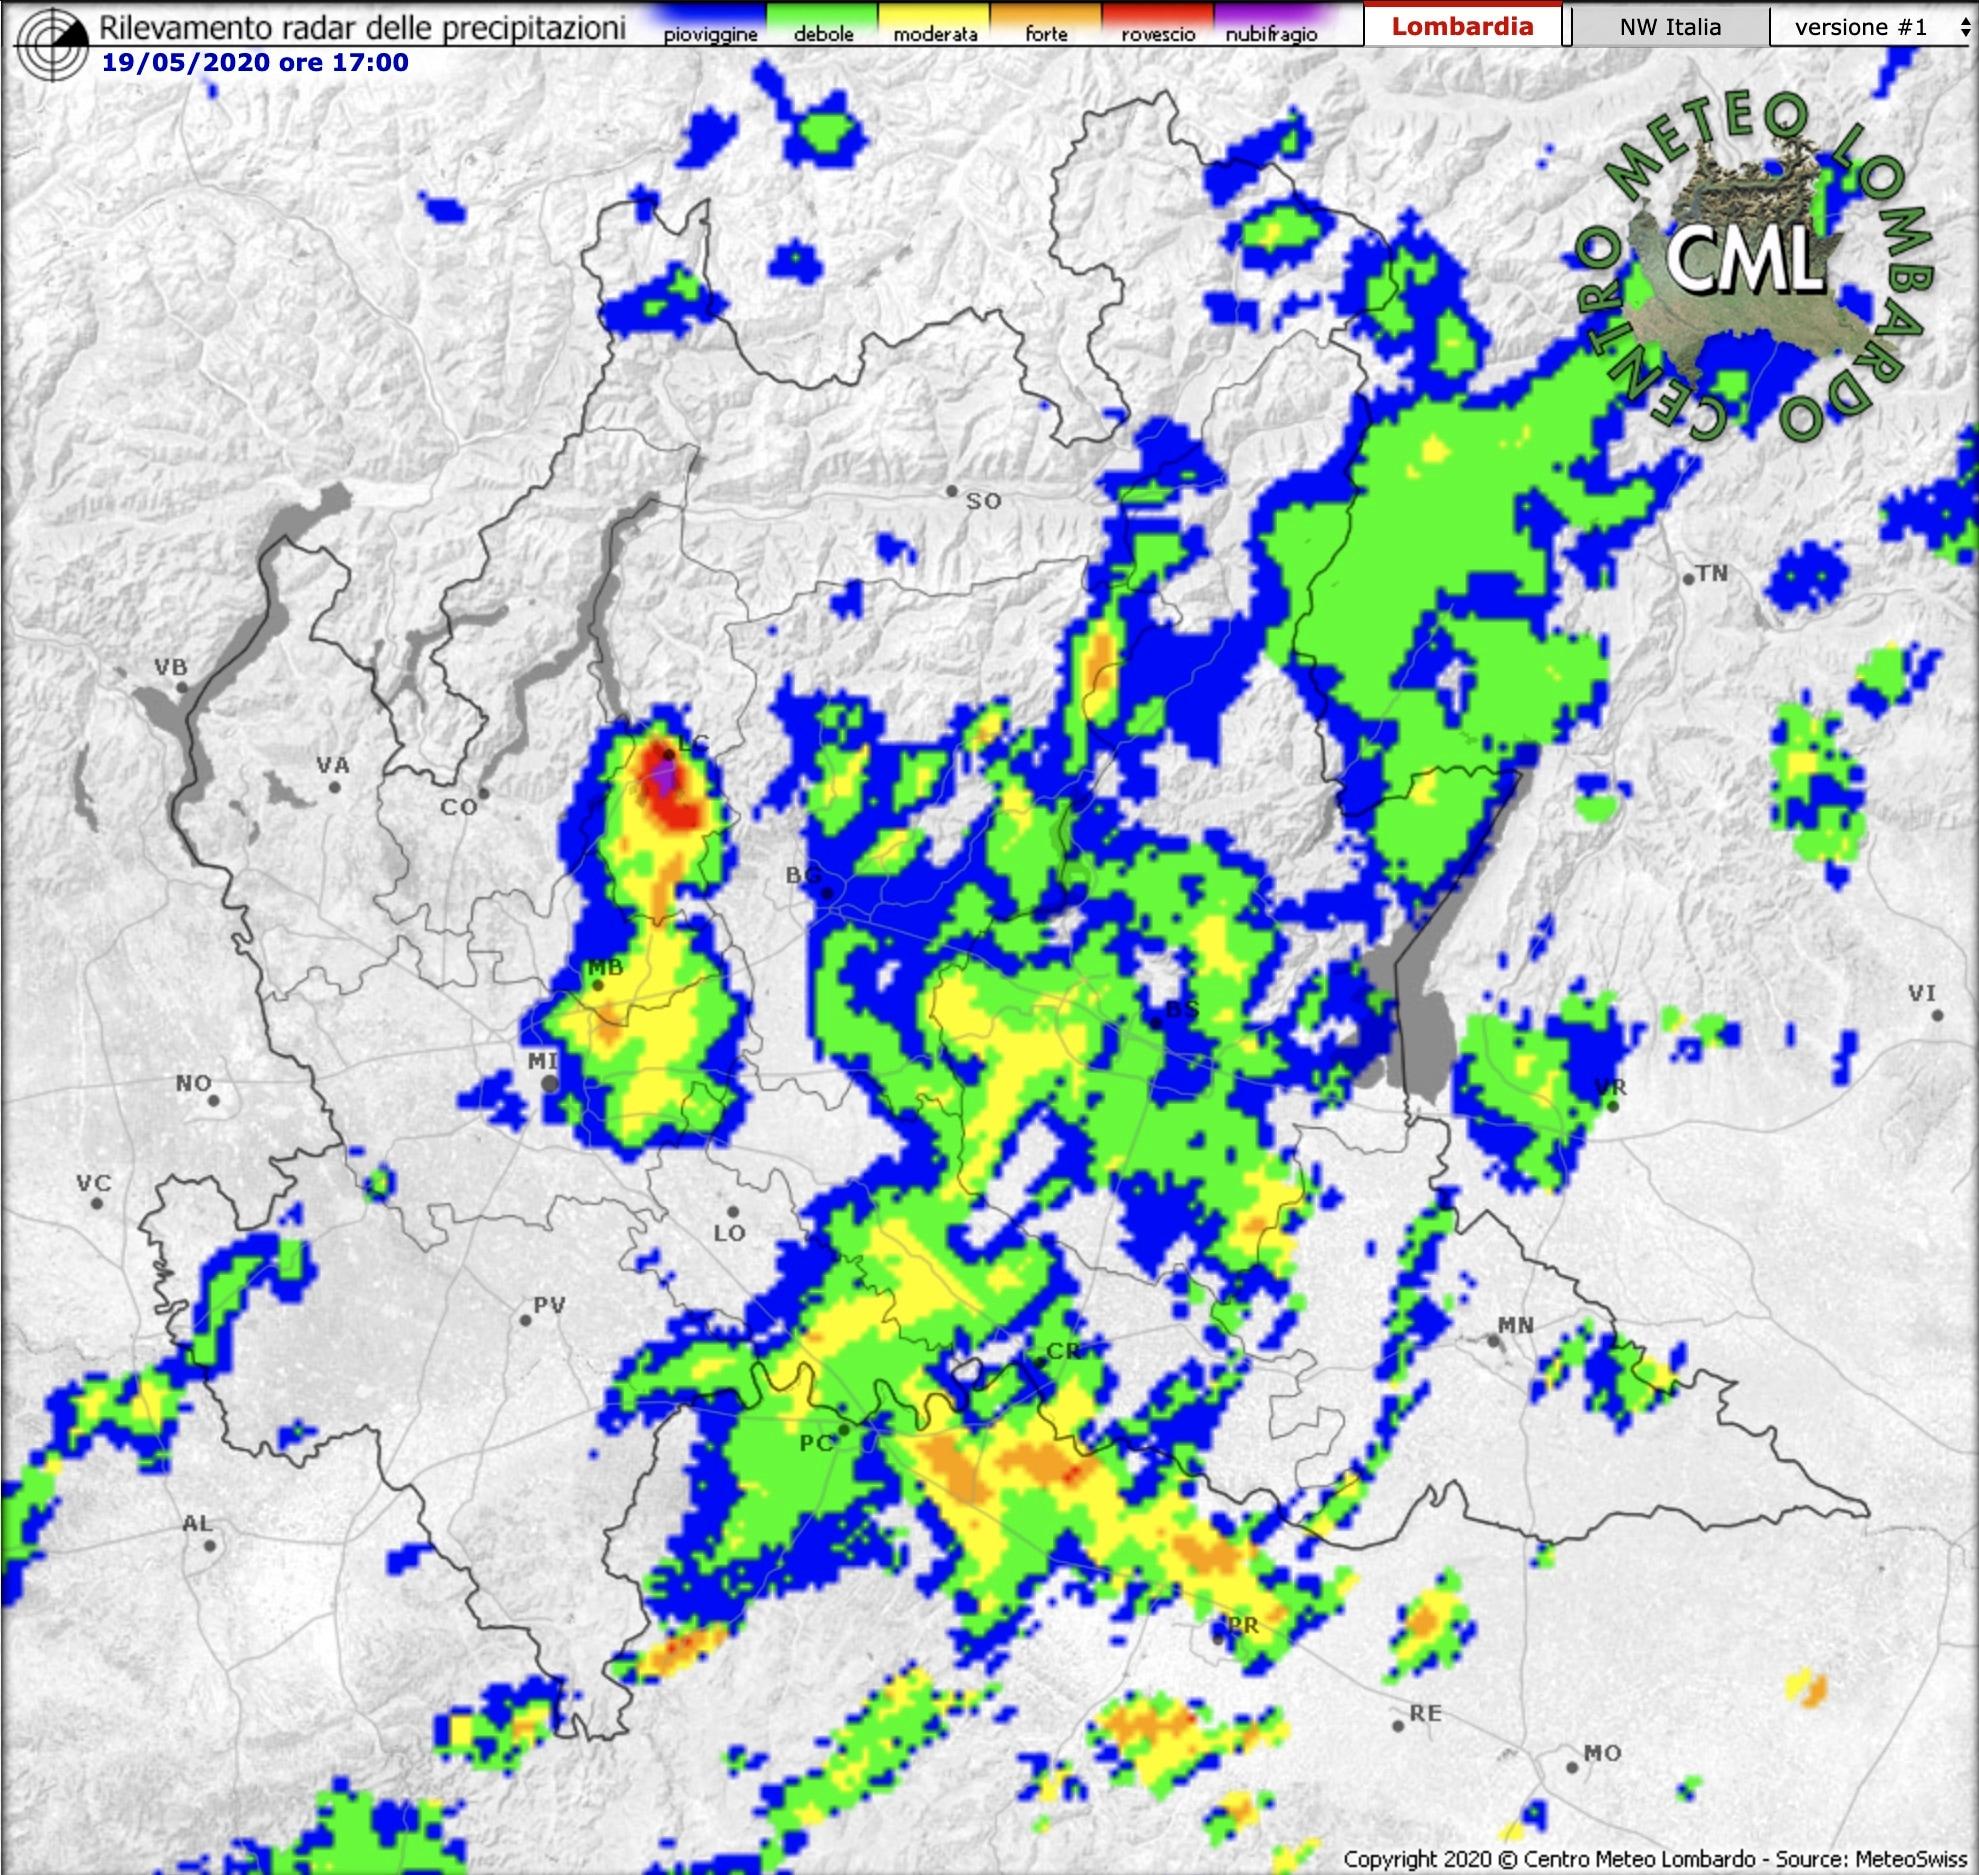 maltempo radar 19 maggio 2020-2